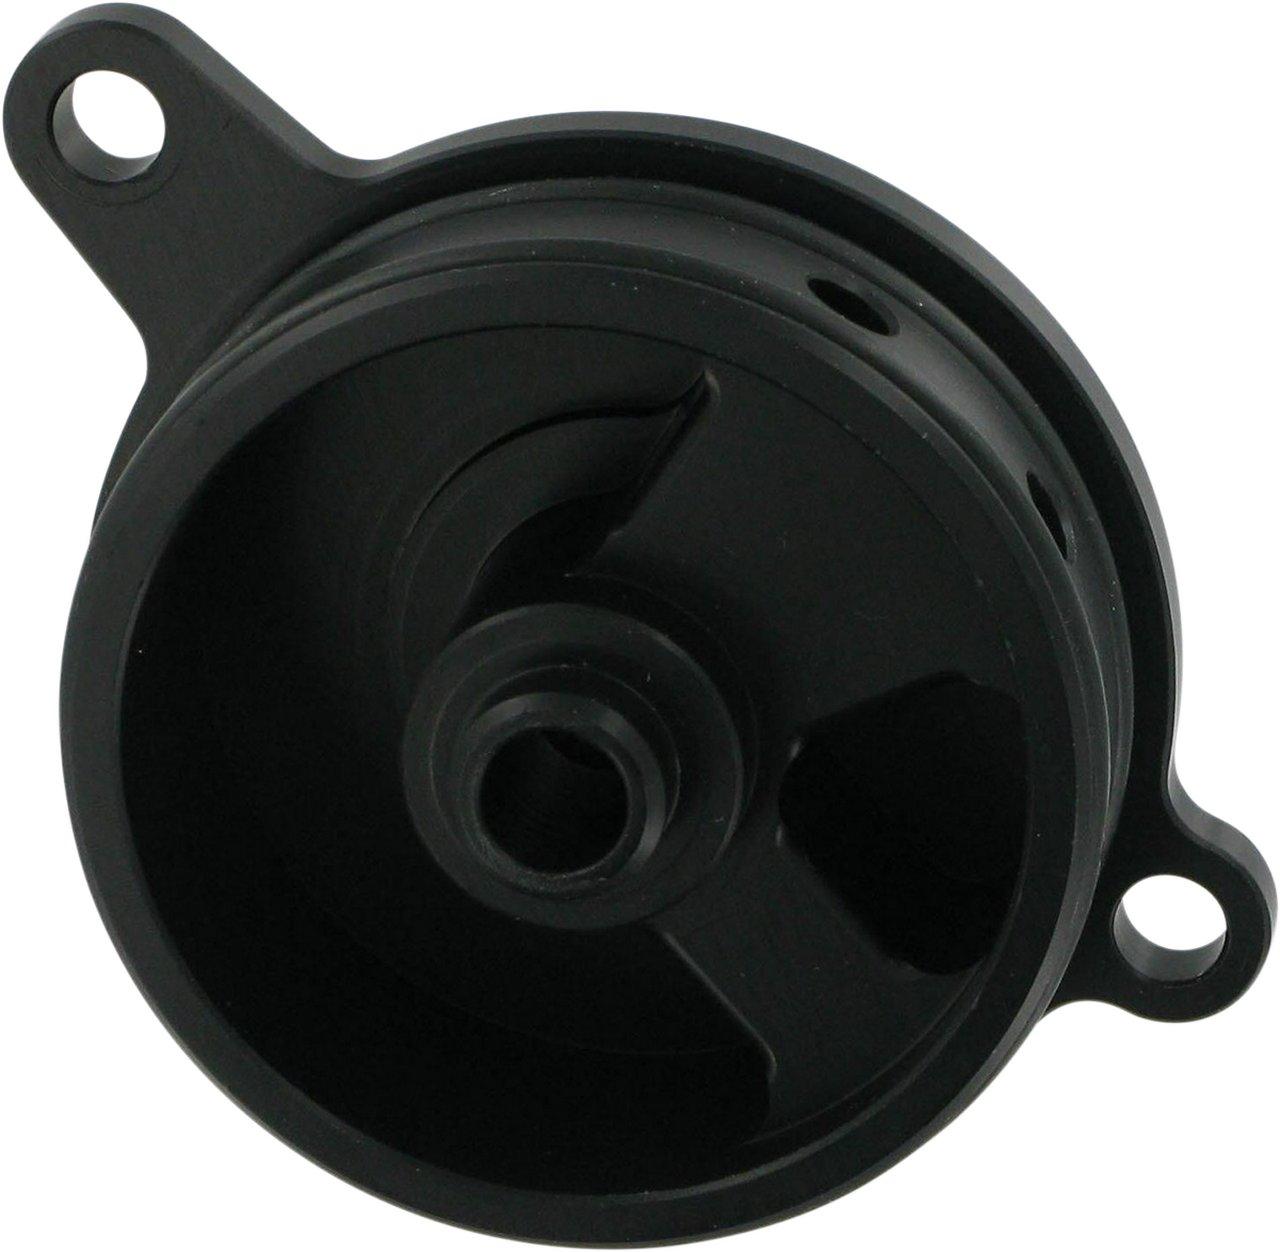 【MOOSE RACING】磁性機油濾芯蓋 ZIP-TY [0940-0809] - 「Webike-摩托百貨」